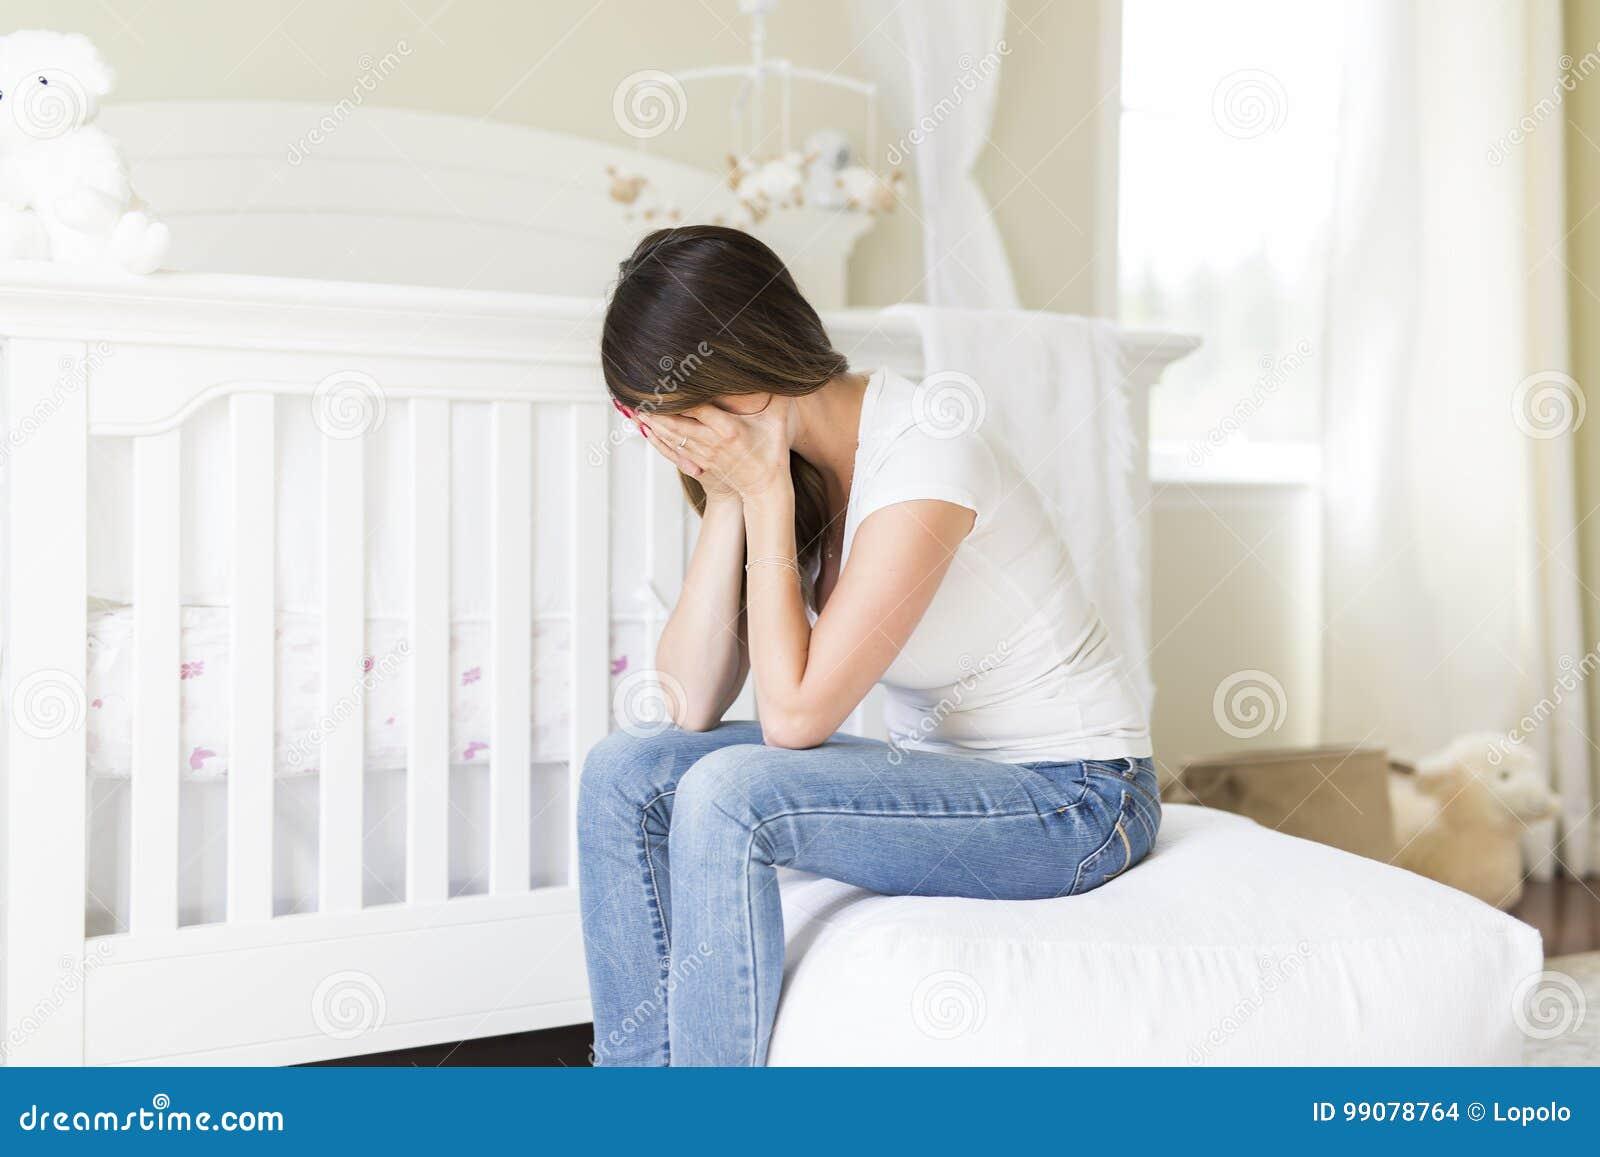 Gedeprimeerde jonge vrouw in babyruimte